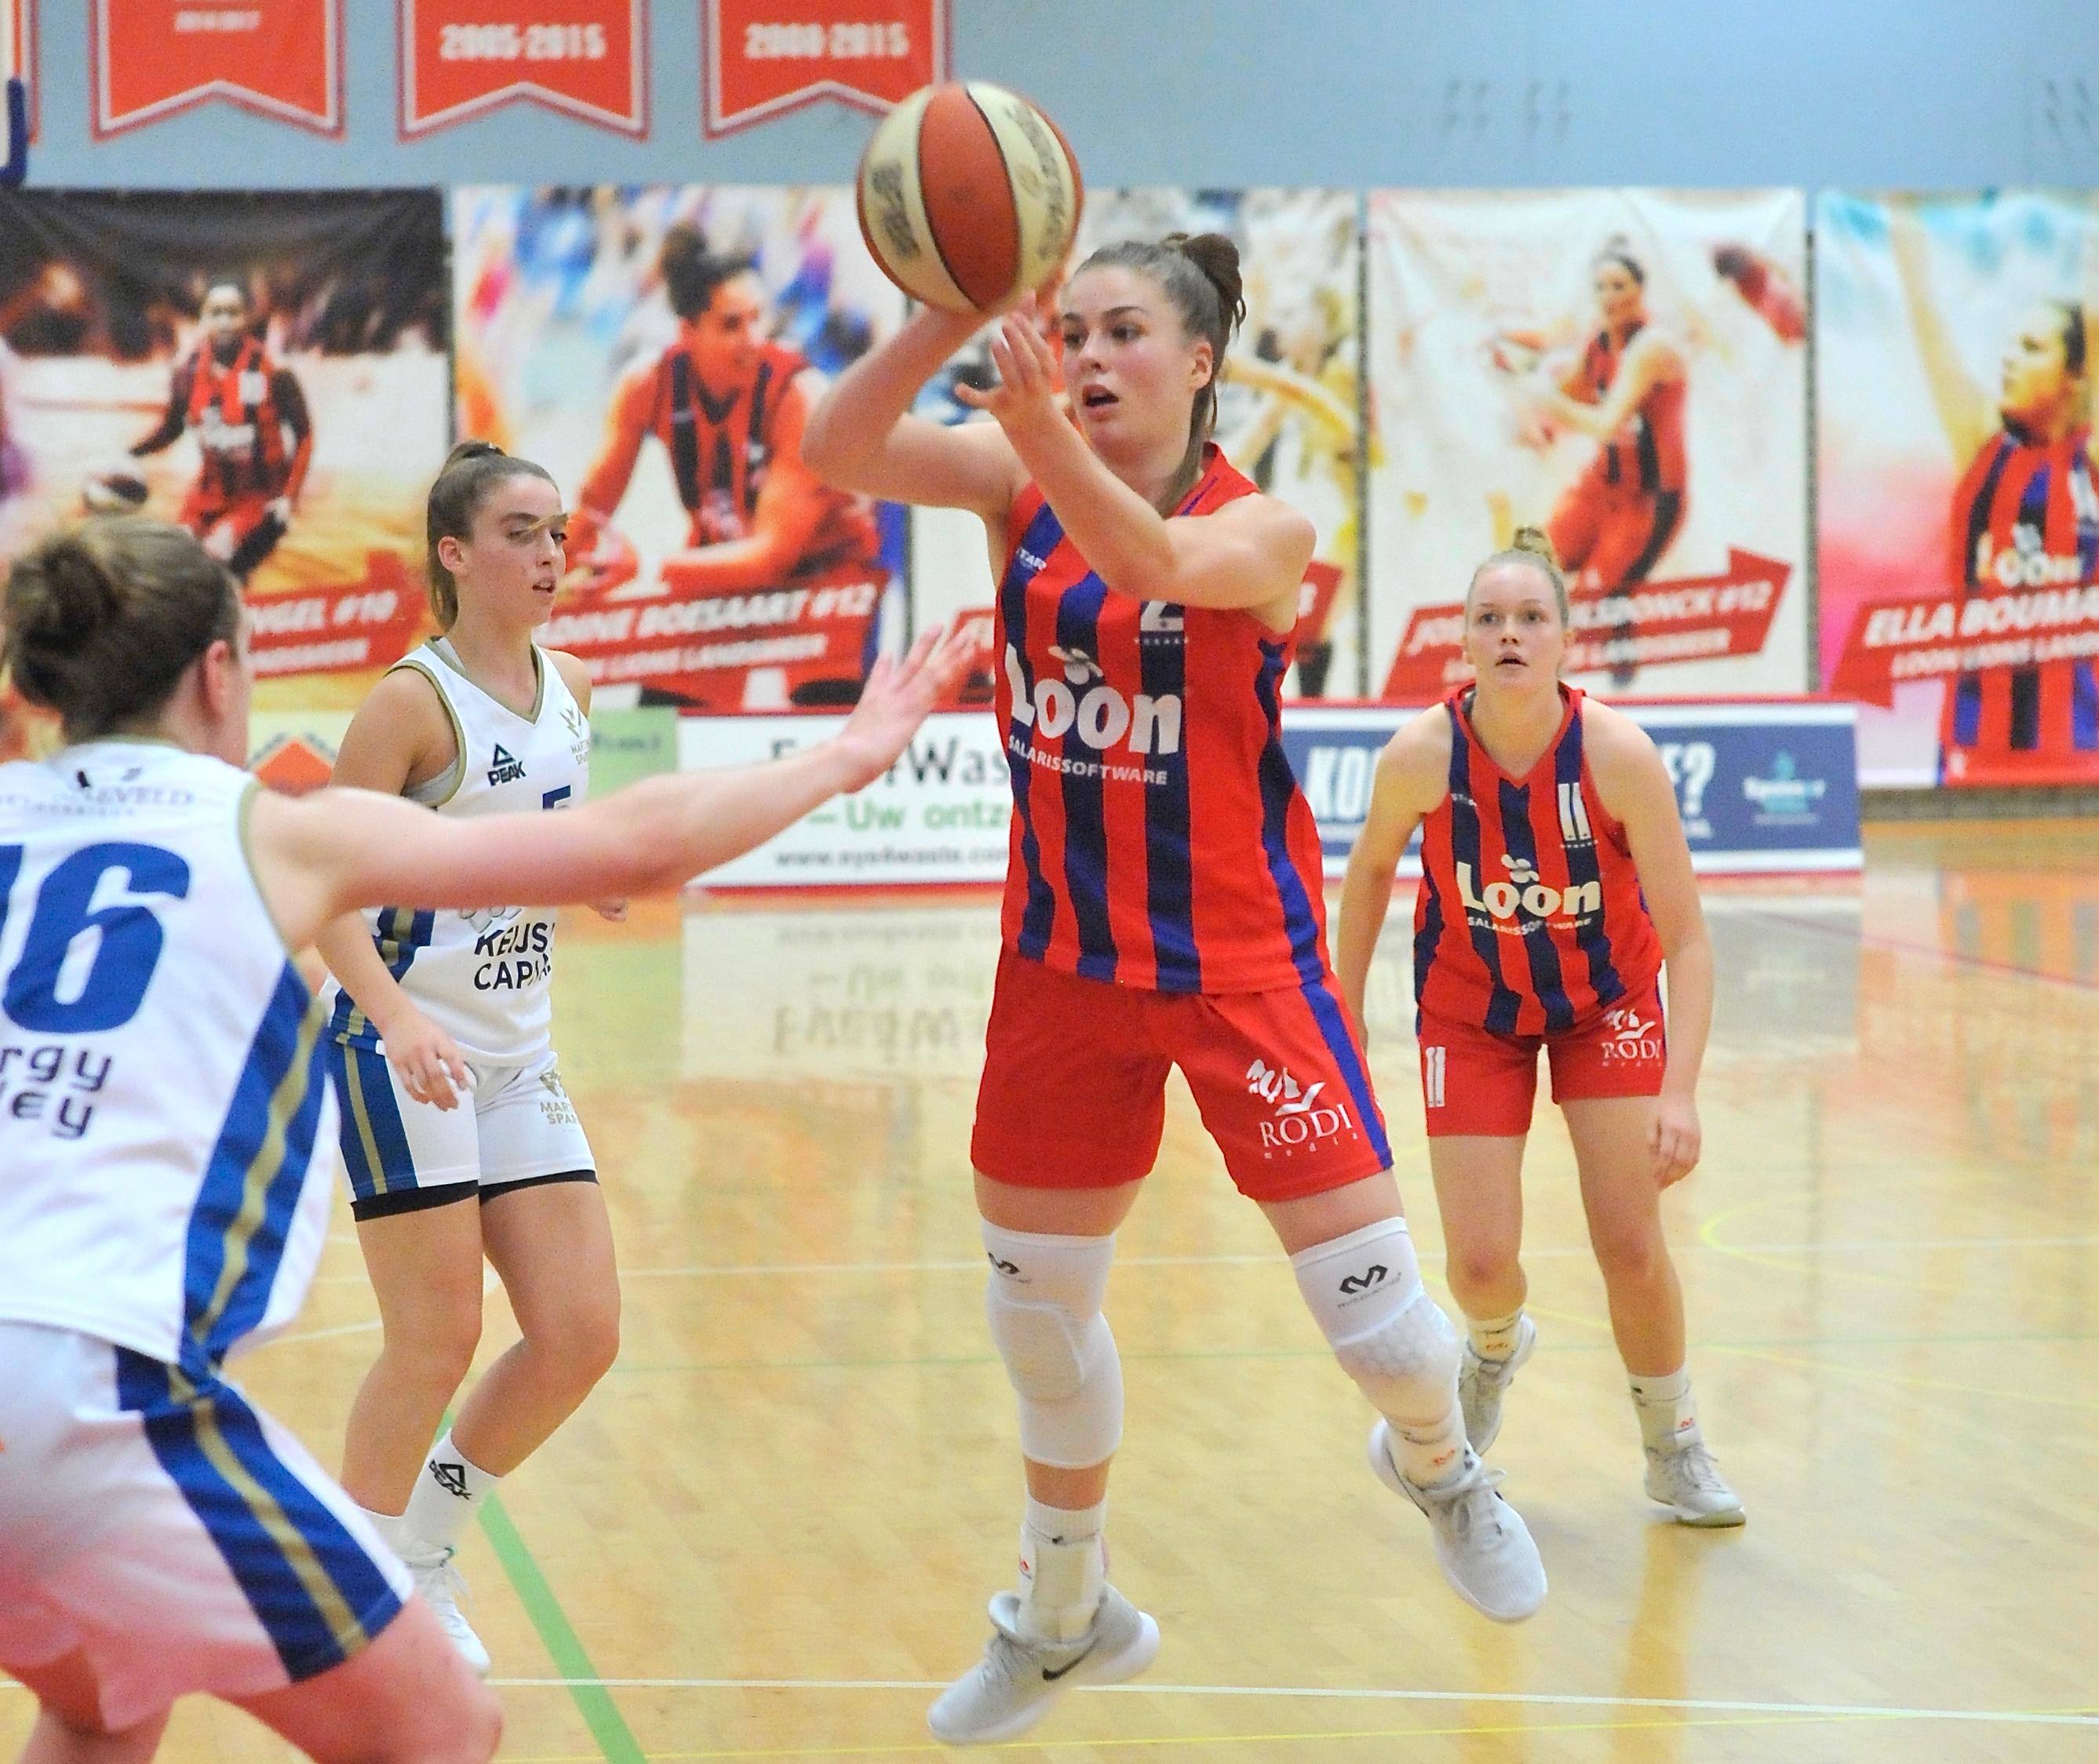 Benthe Versteeg scoorde negen van haar tien punten in de eerste periode. (Foto: Tine Sierink)